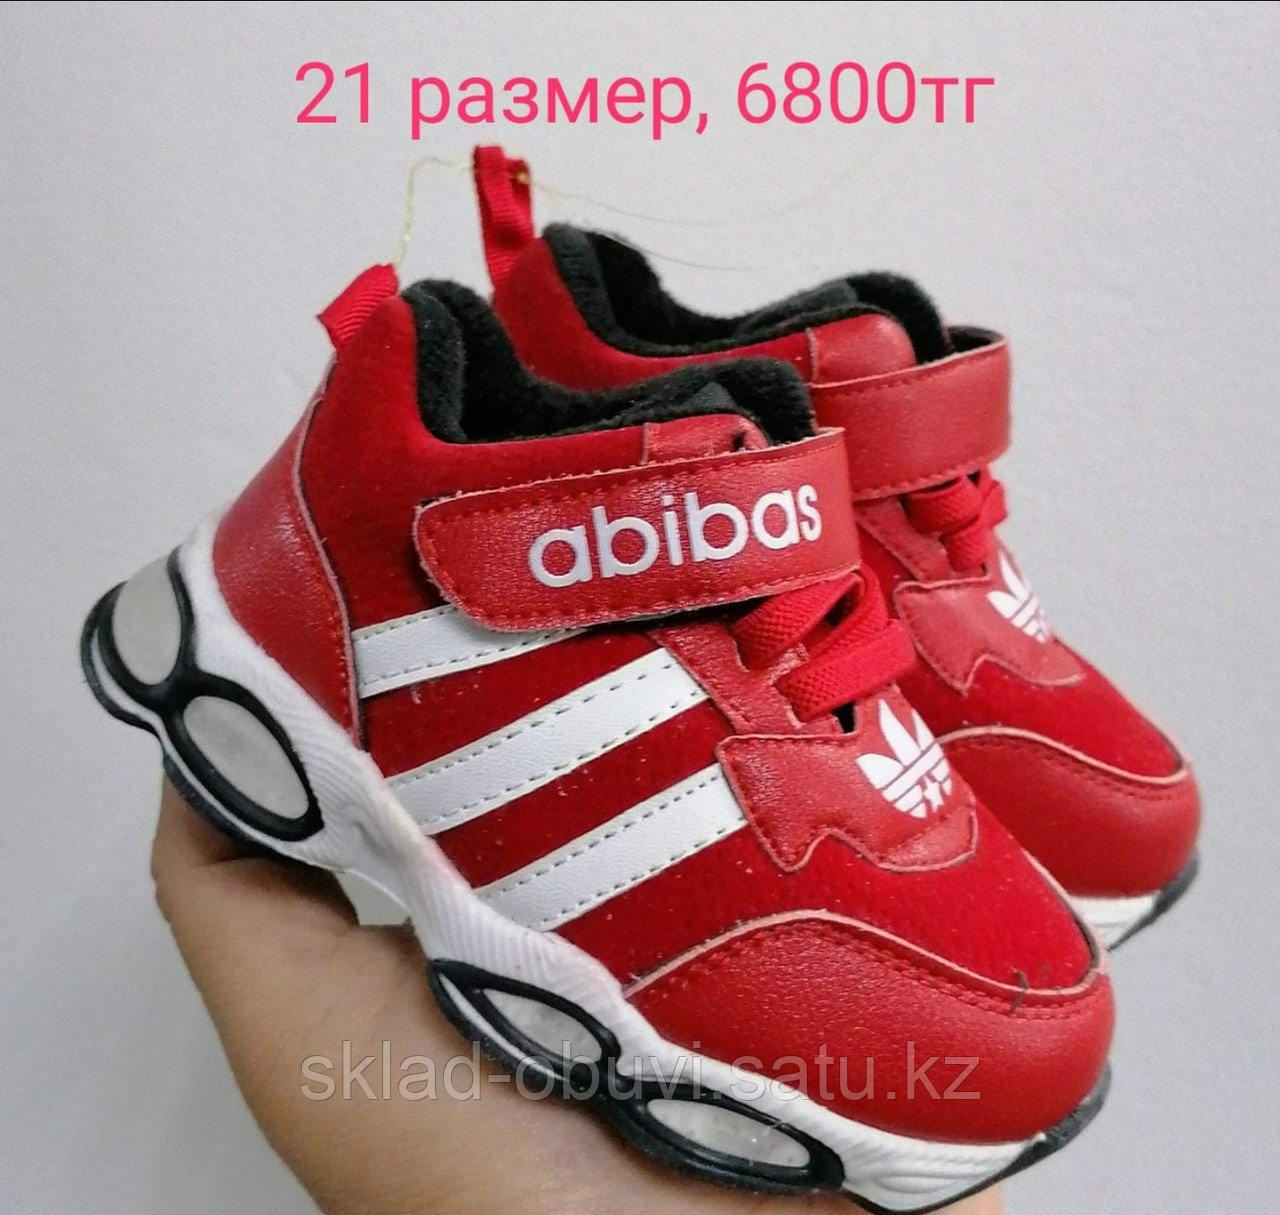 Кожаные детские ботиночки. Распродажа со склада мелким оптом. - фото 10